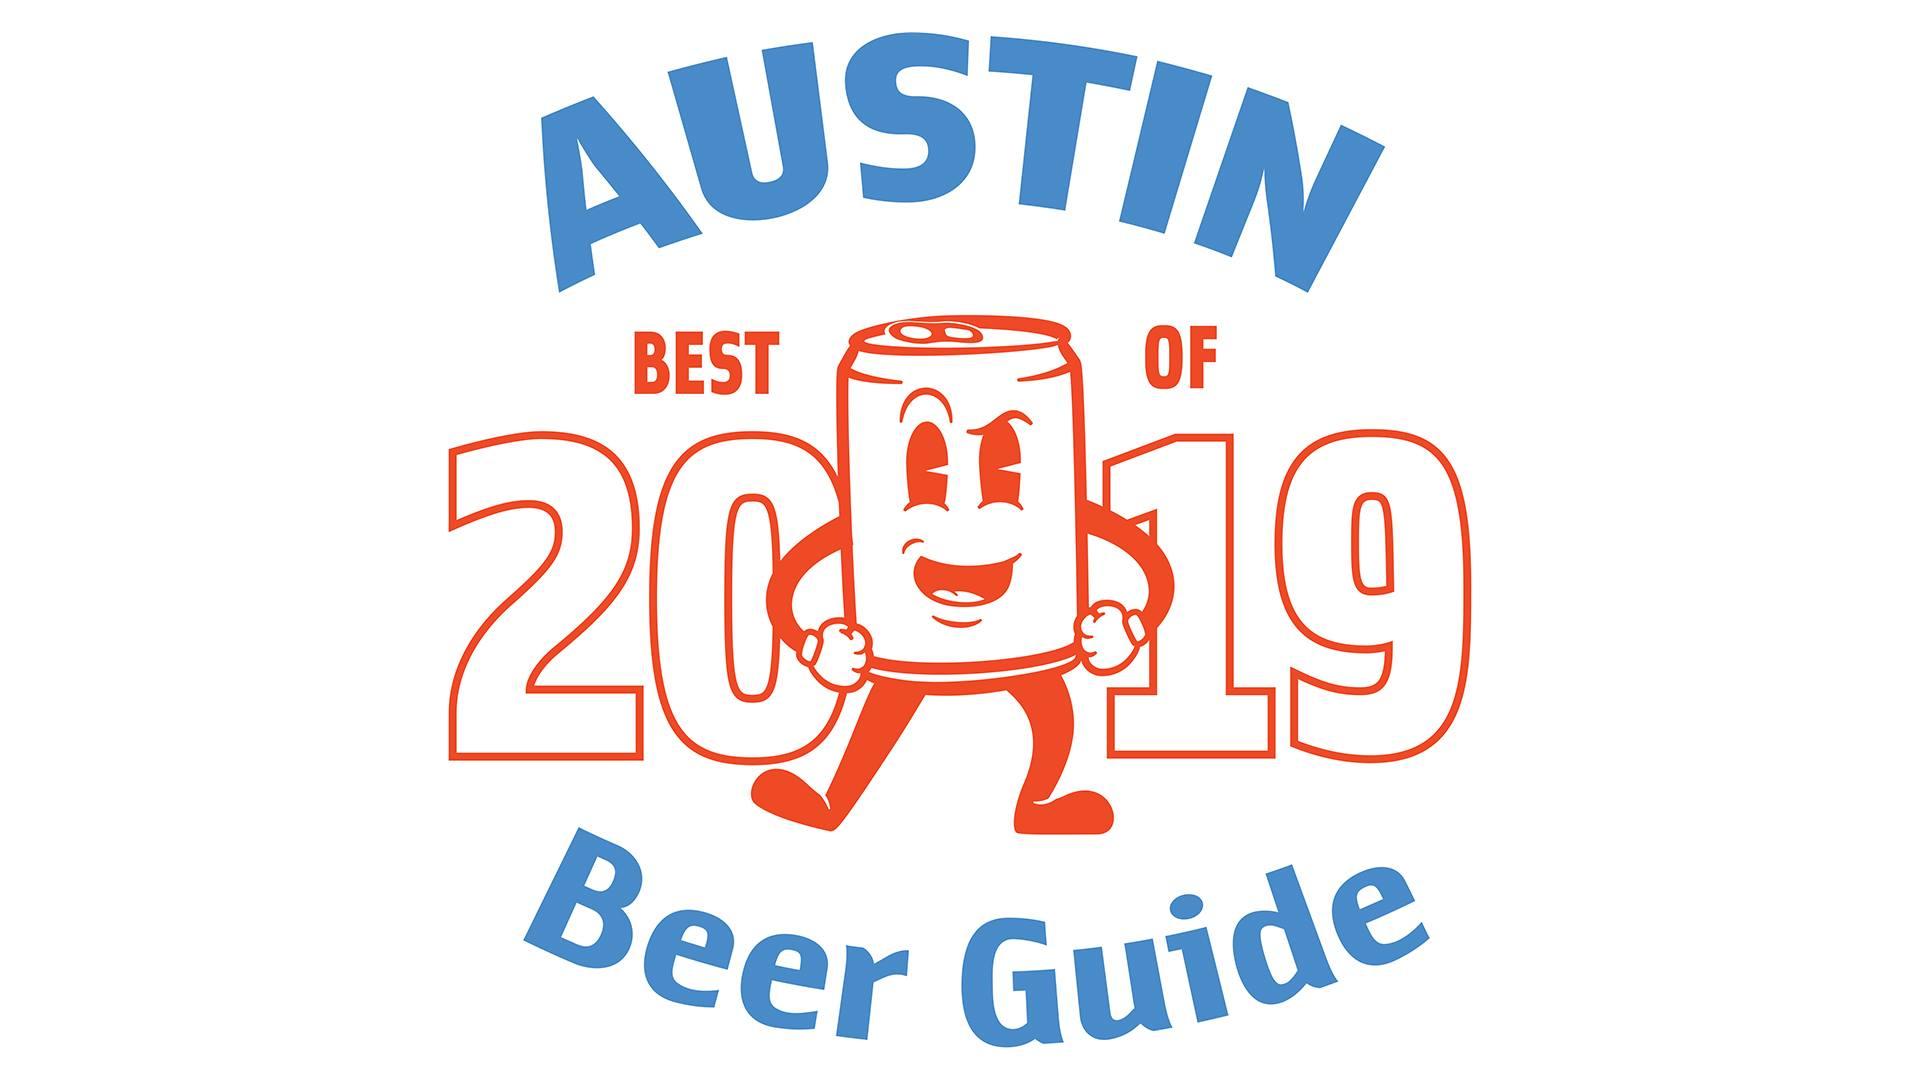 Austin Craft Beer Events Dec. 9th - Dec. 15th, 2019